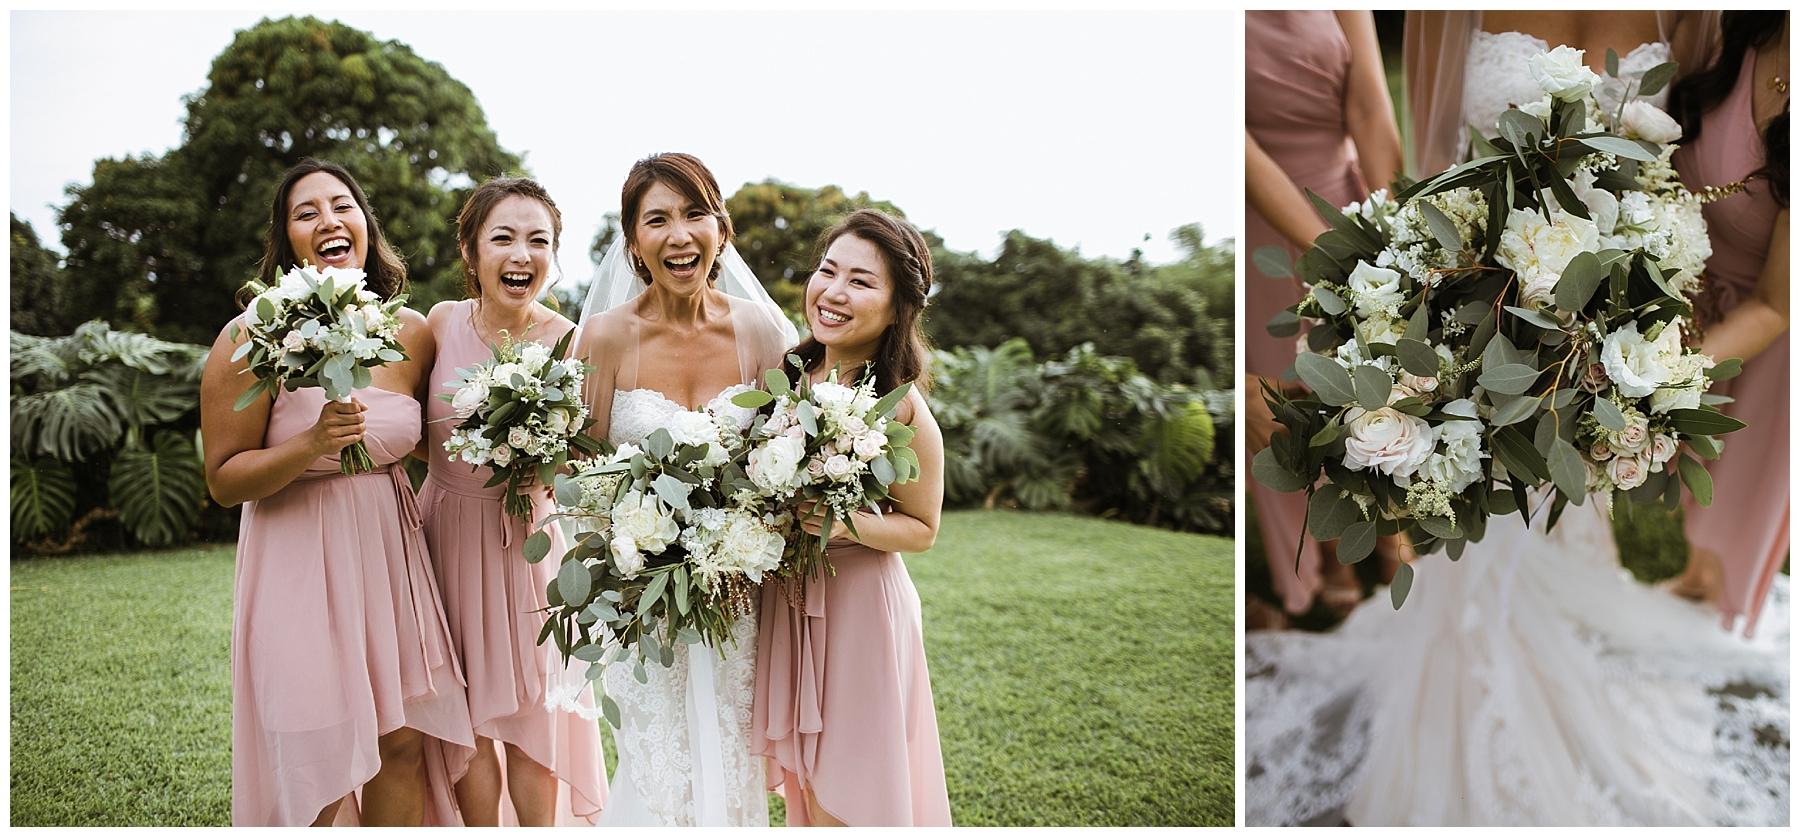 Bliss in Bloom Kailua Kona Hawaii Wedding Event Coordination_0065.jpg